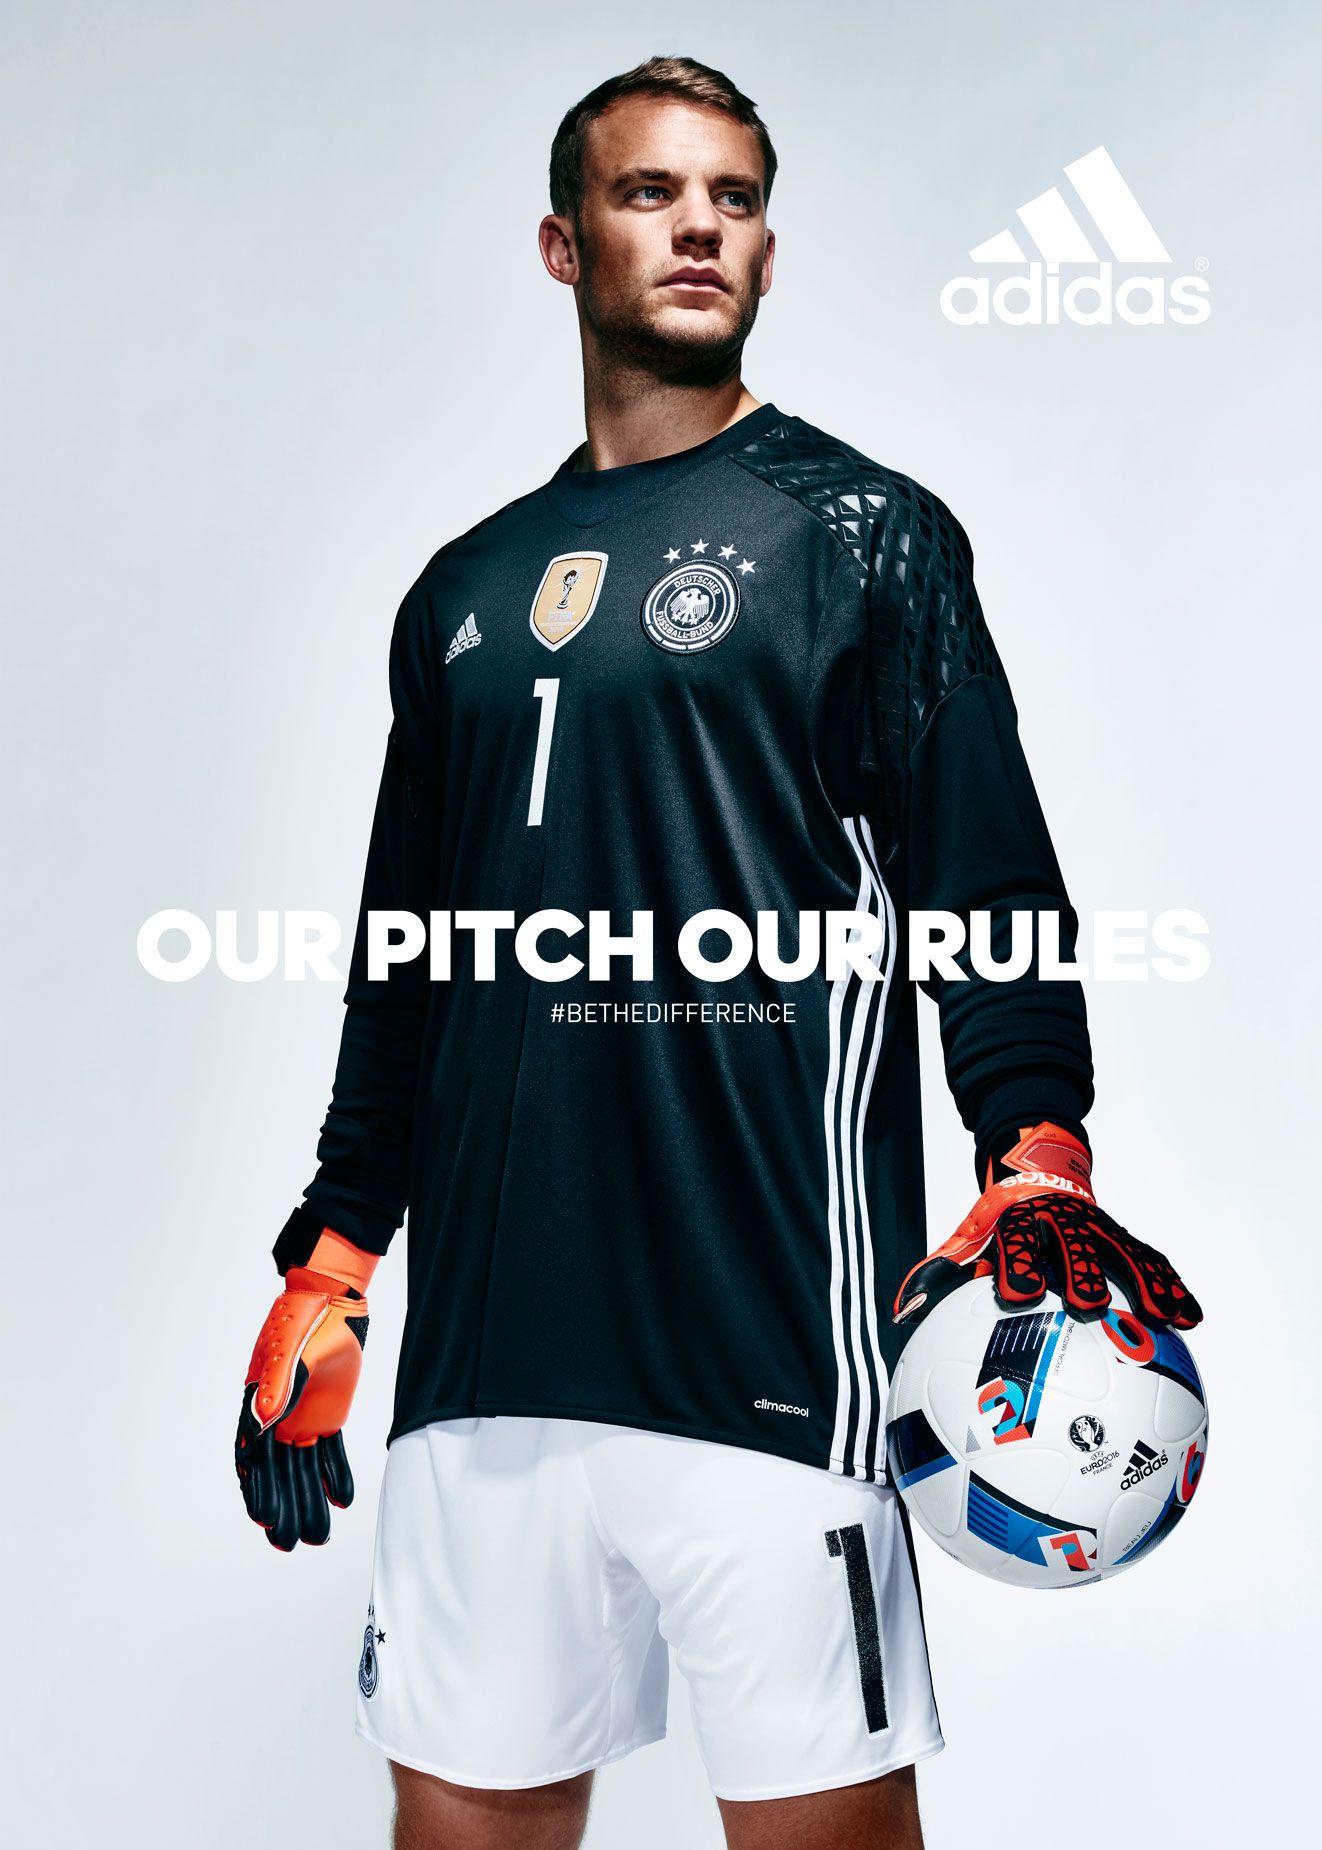 Adidas Manuel Neuer Our Pitch Our Rules Goleiro Esportes Futebol